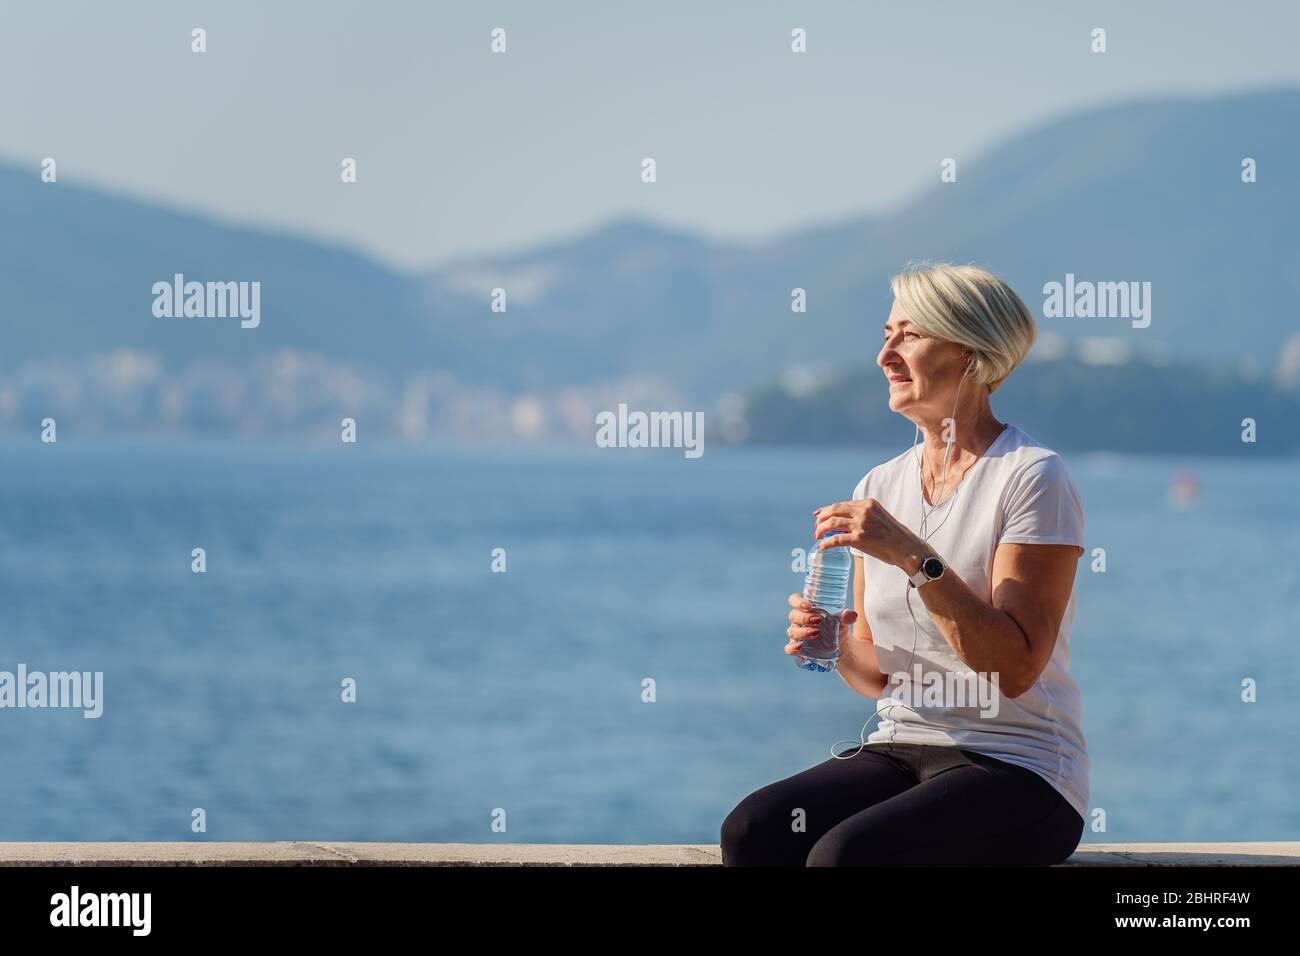 Femme mûre buvant de l'eau après le jogging sur fond de la mer et du ciel bleu Banque D'Images